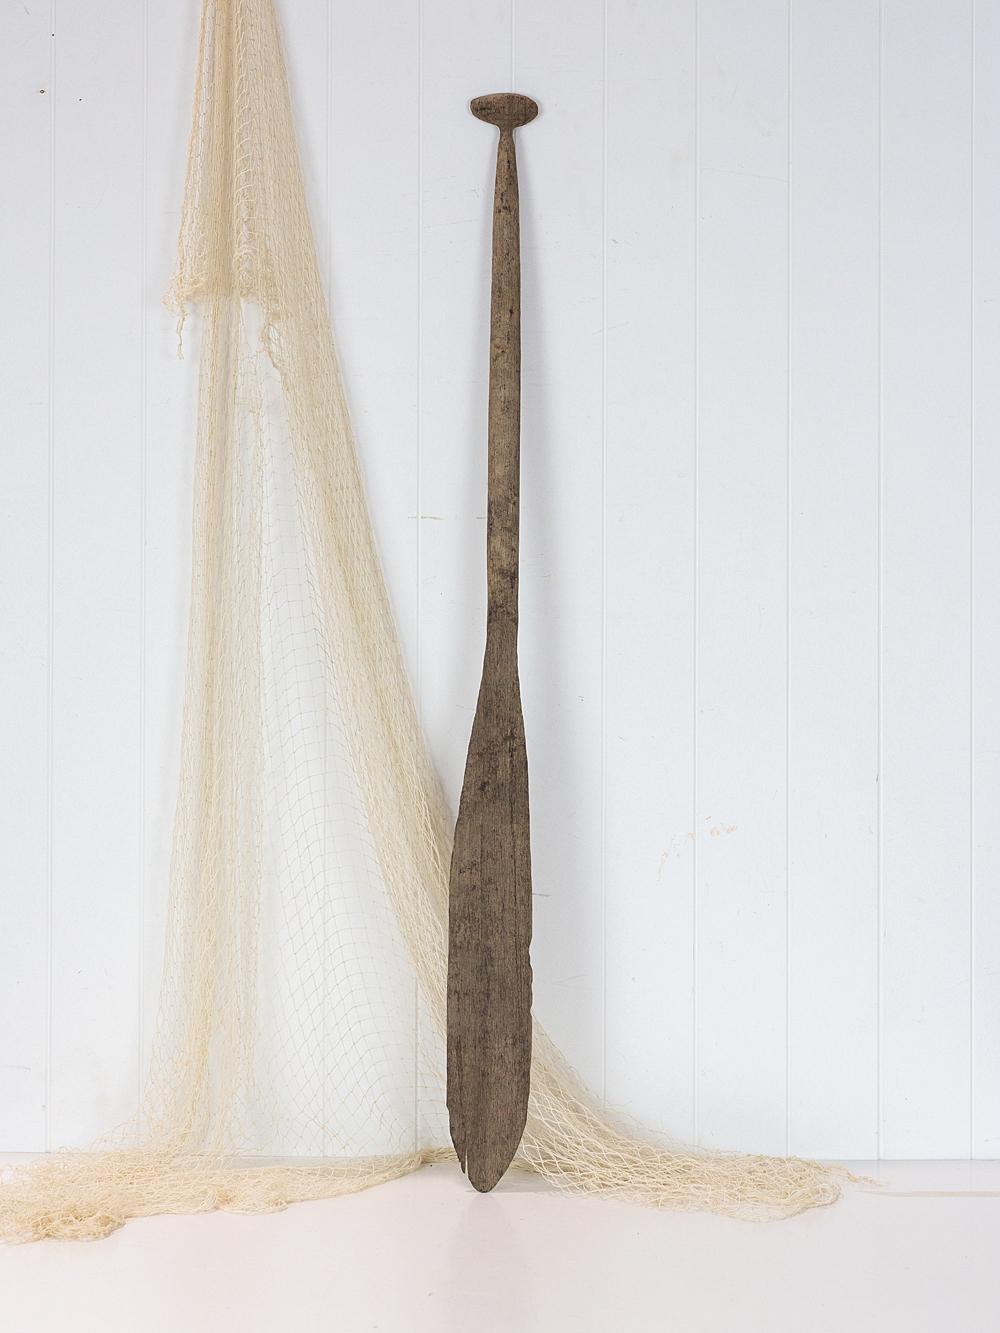 Antique Canoe Paddle #2426